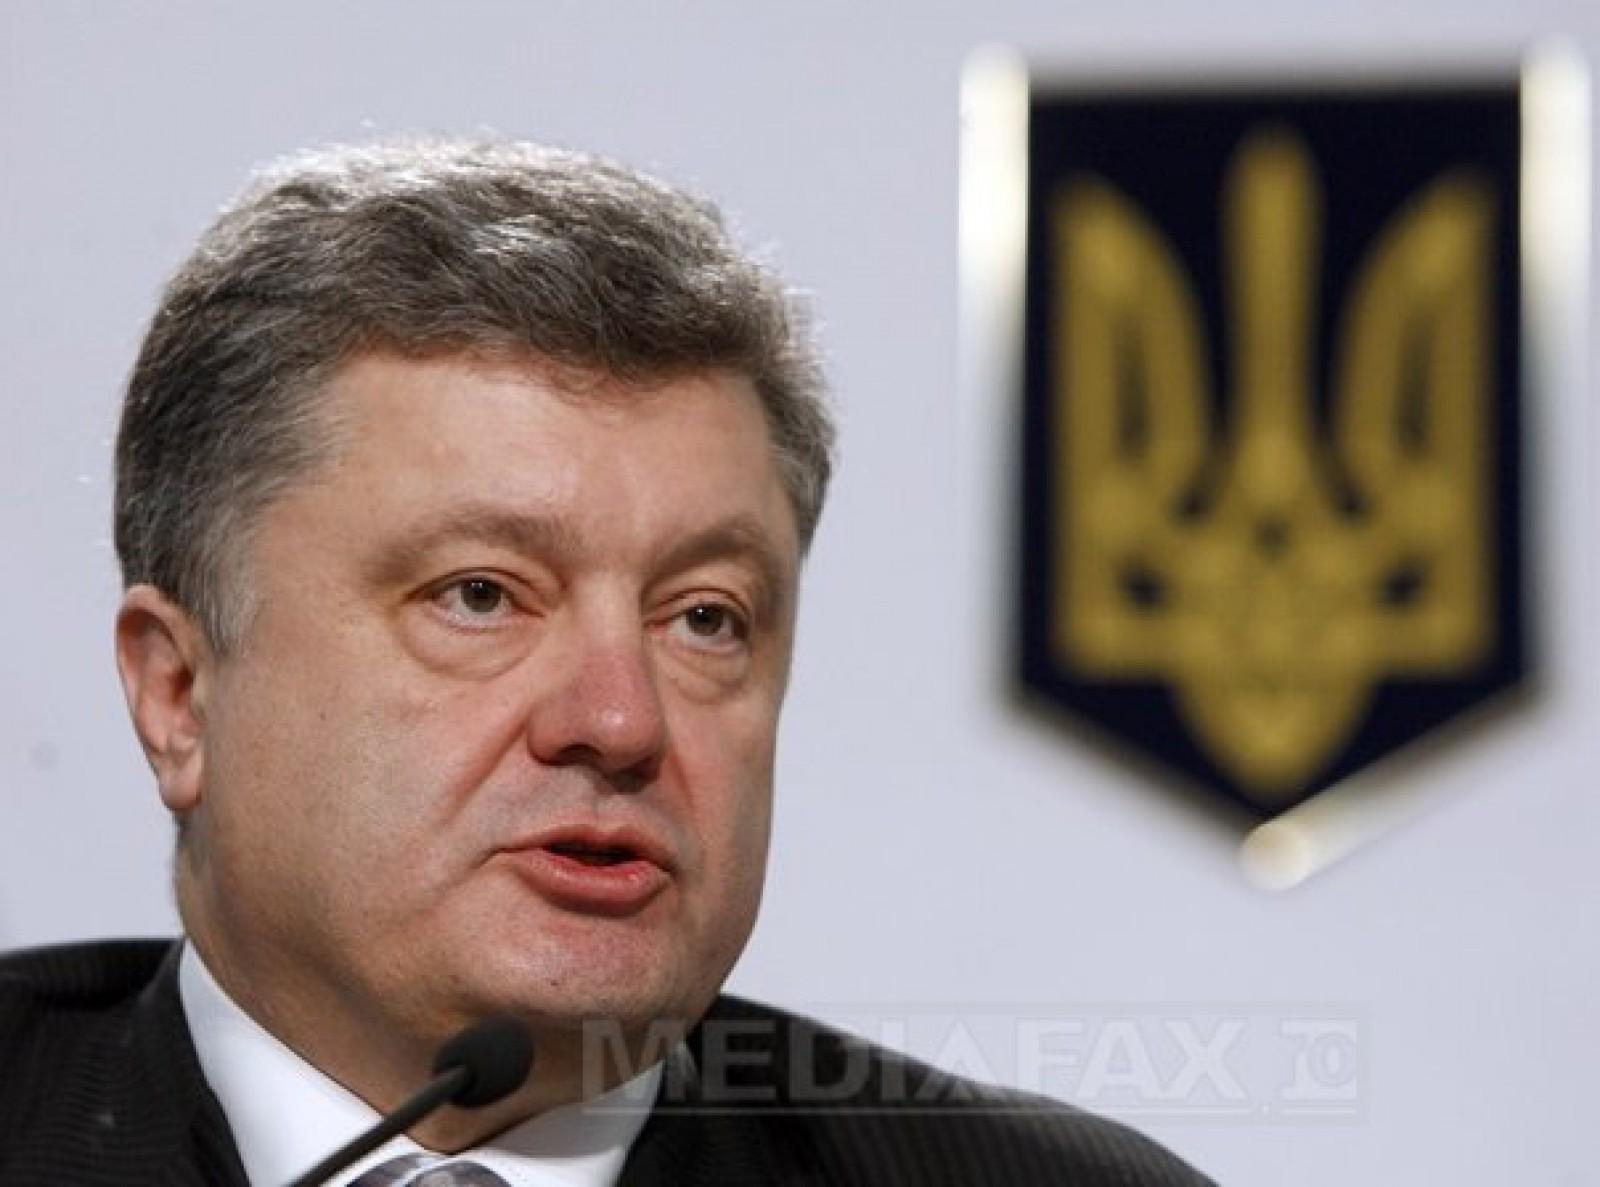 Preşedintele ucrainean a adoptat noi sancţiuni împotriva unor companii şi indivizi din Rusia